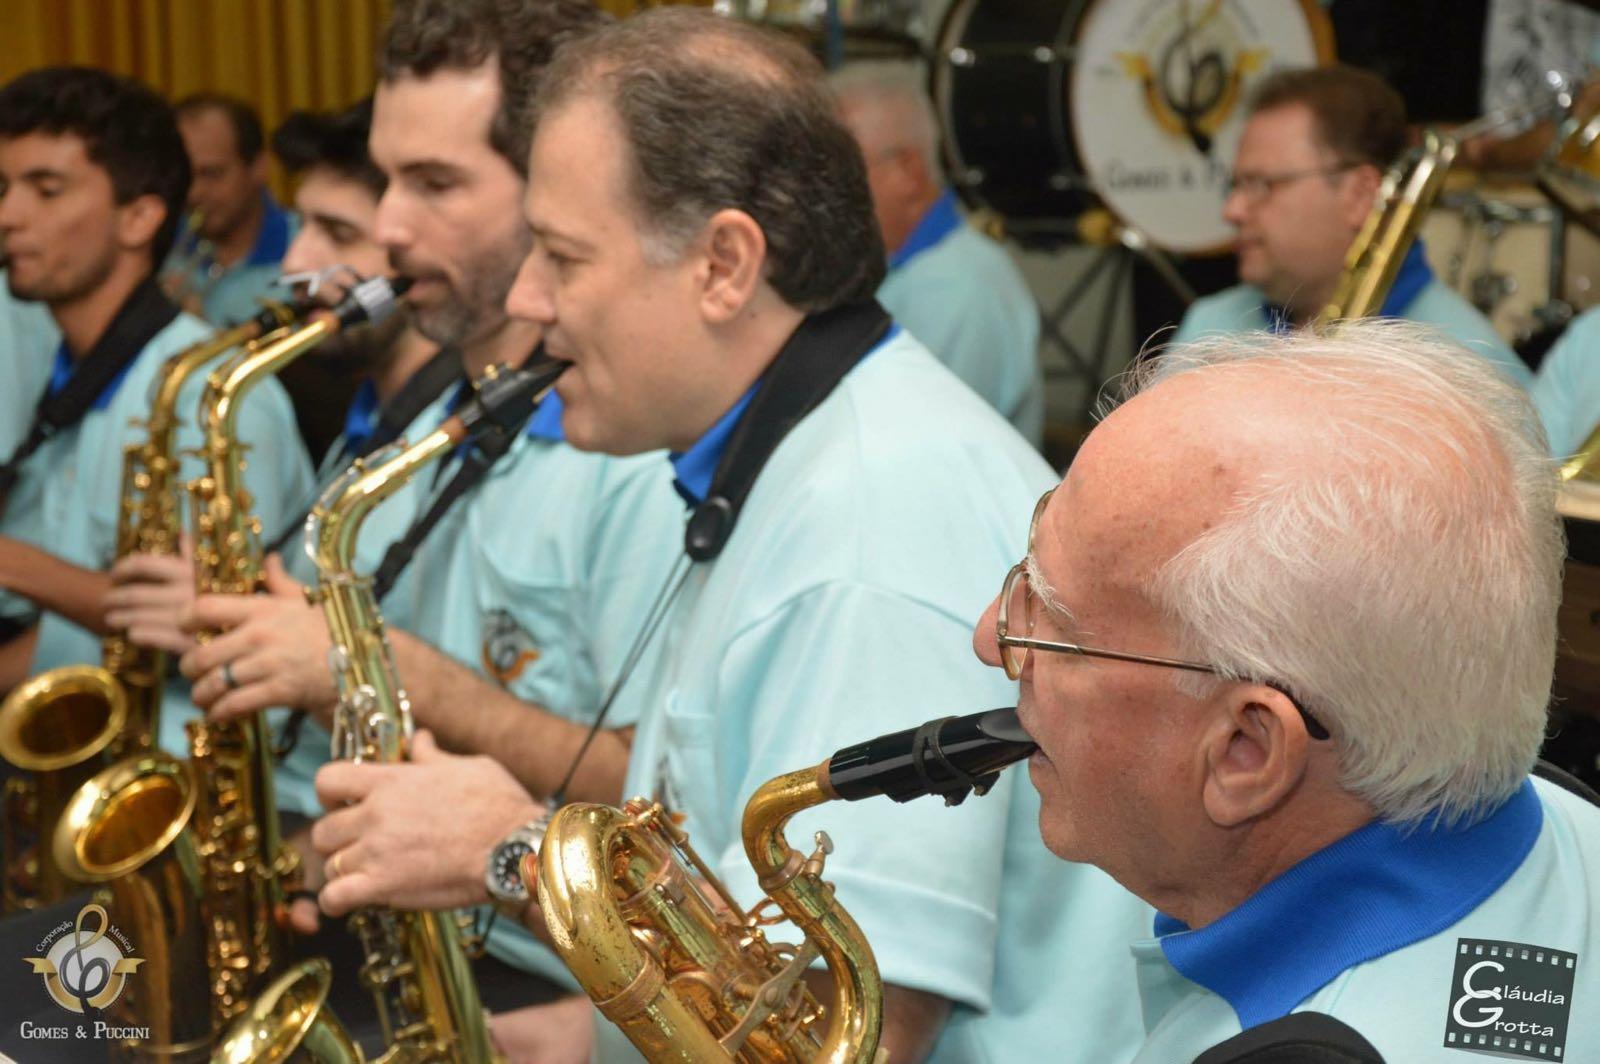 Banda centenária Gomes e Puccini (Foto: Reprodução/Claudia Grotta)